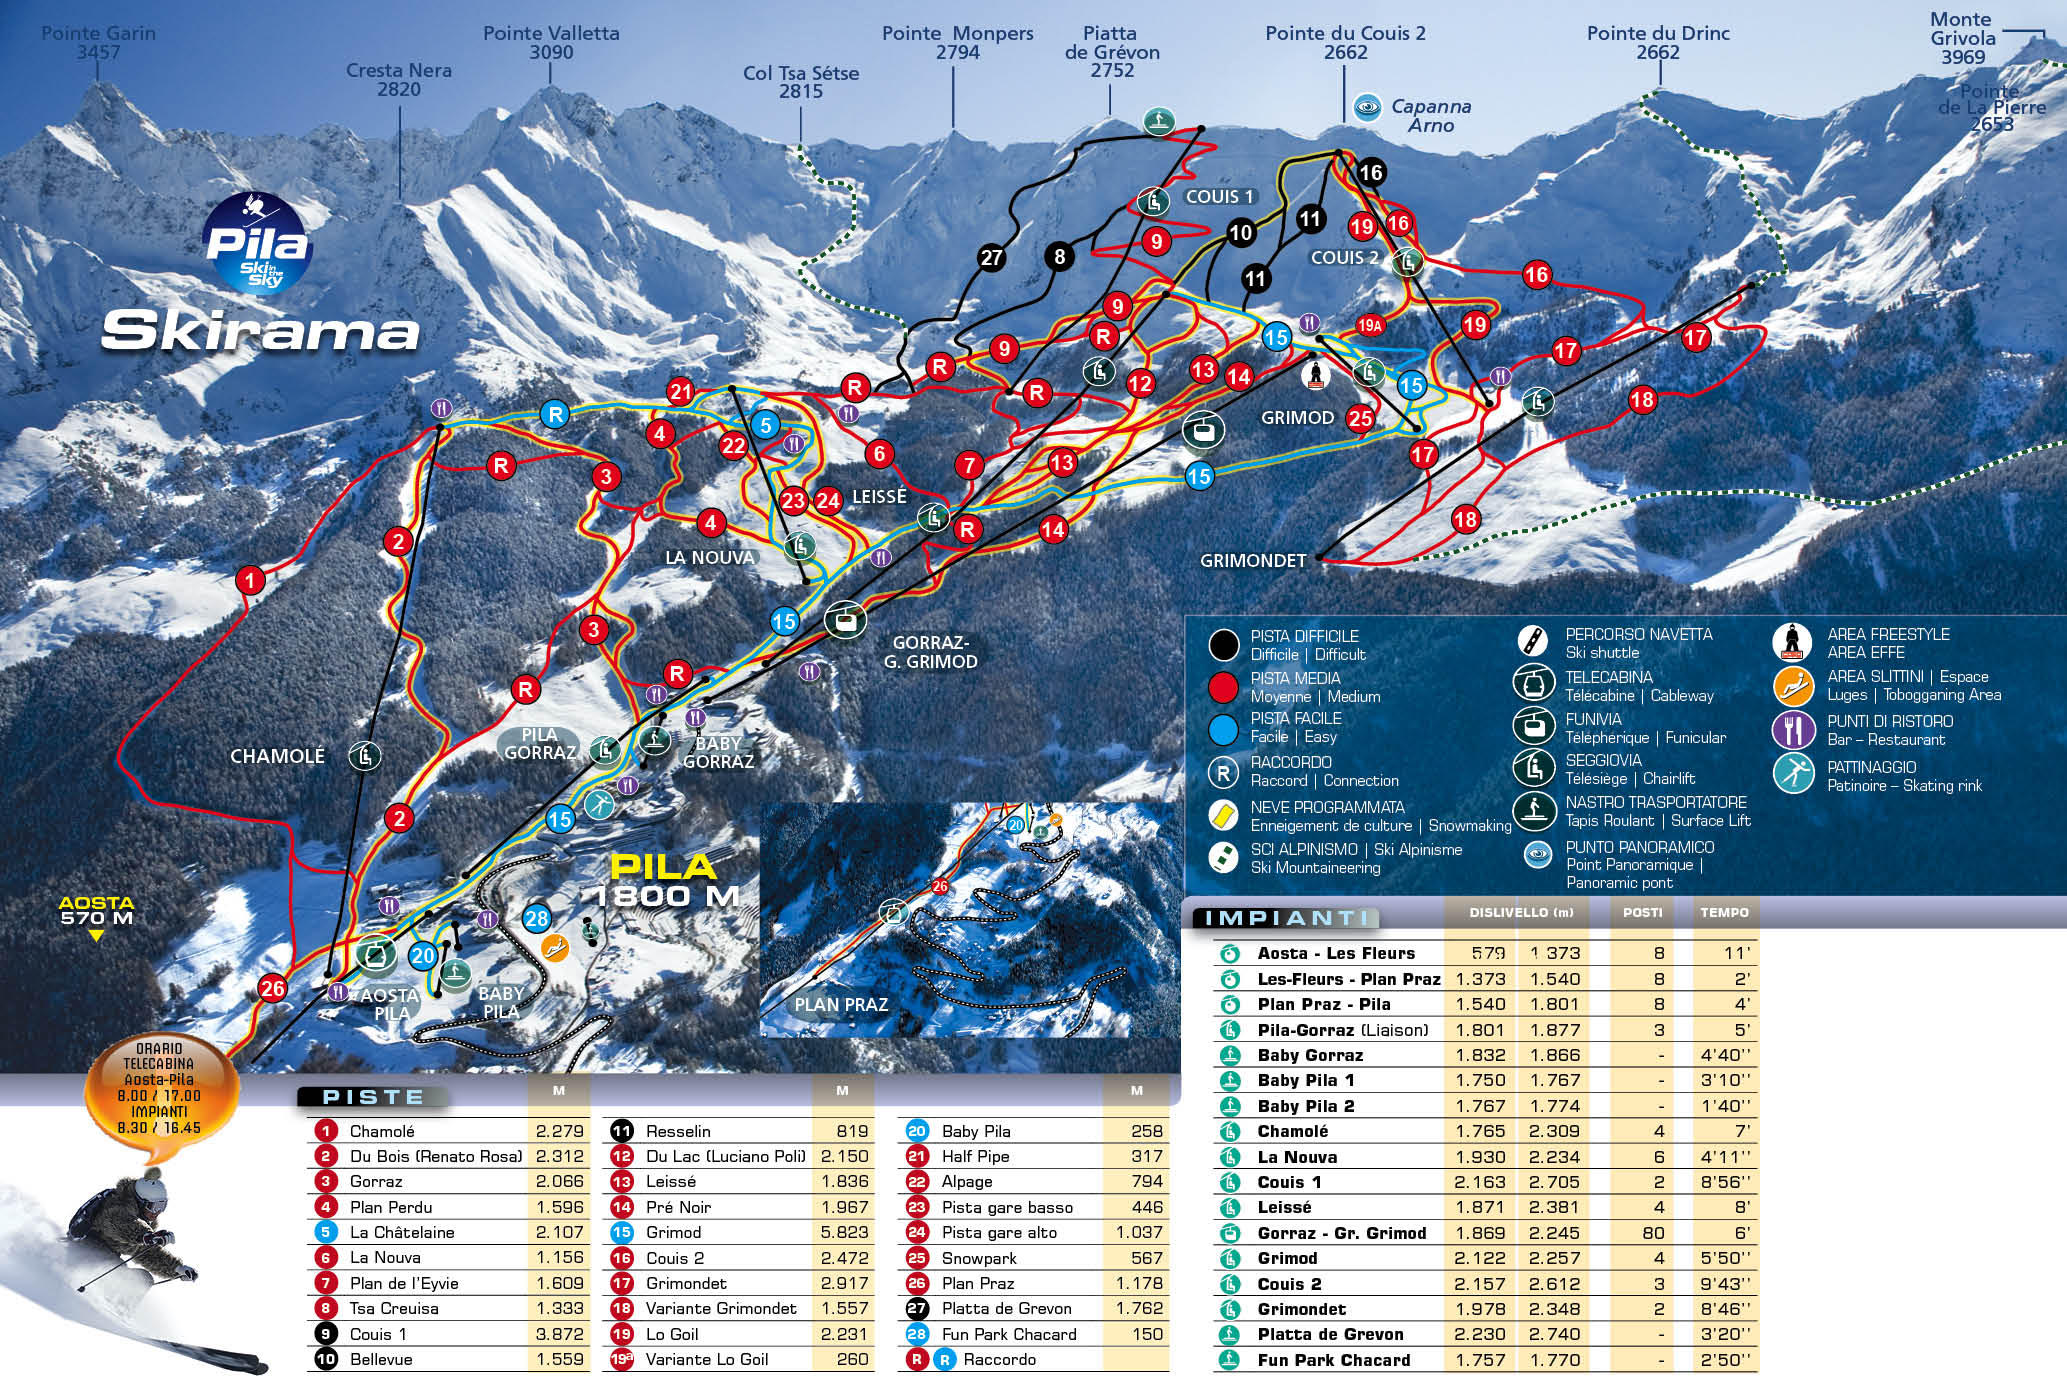 Карта трасс Пила